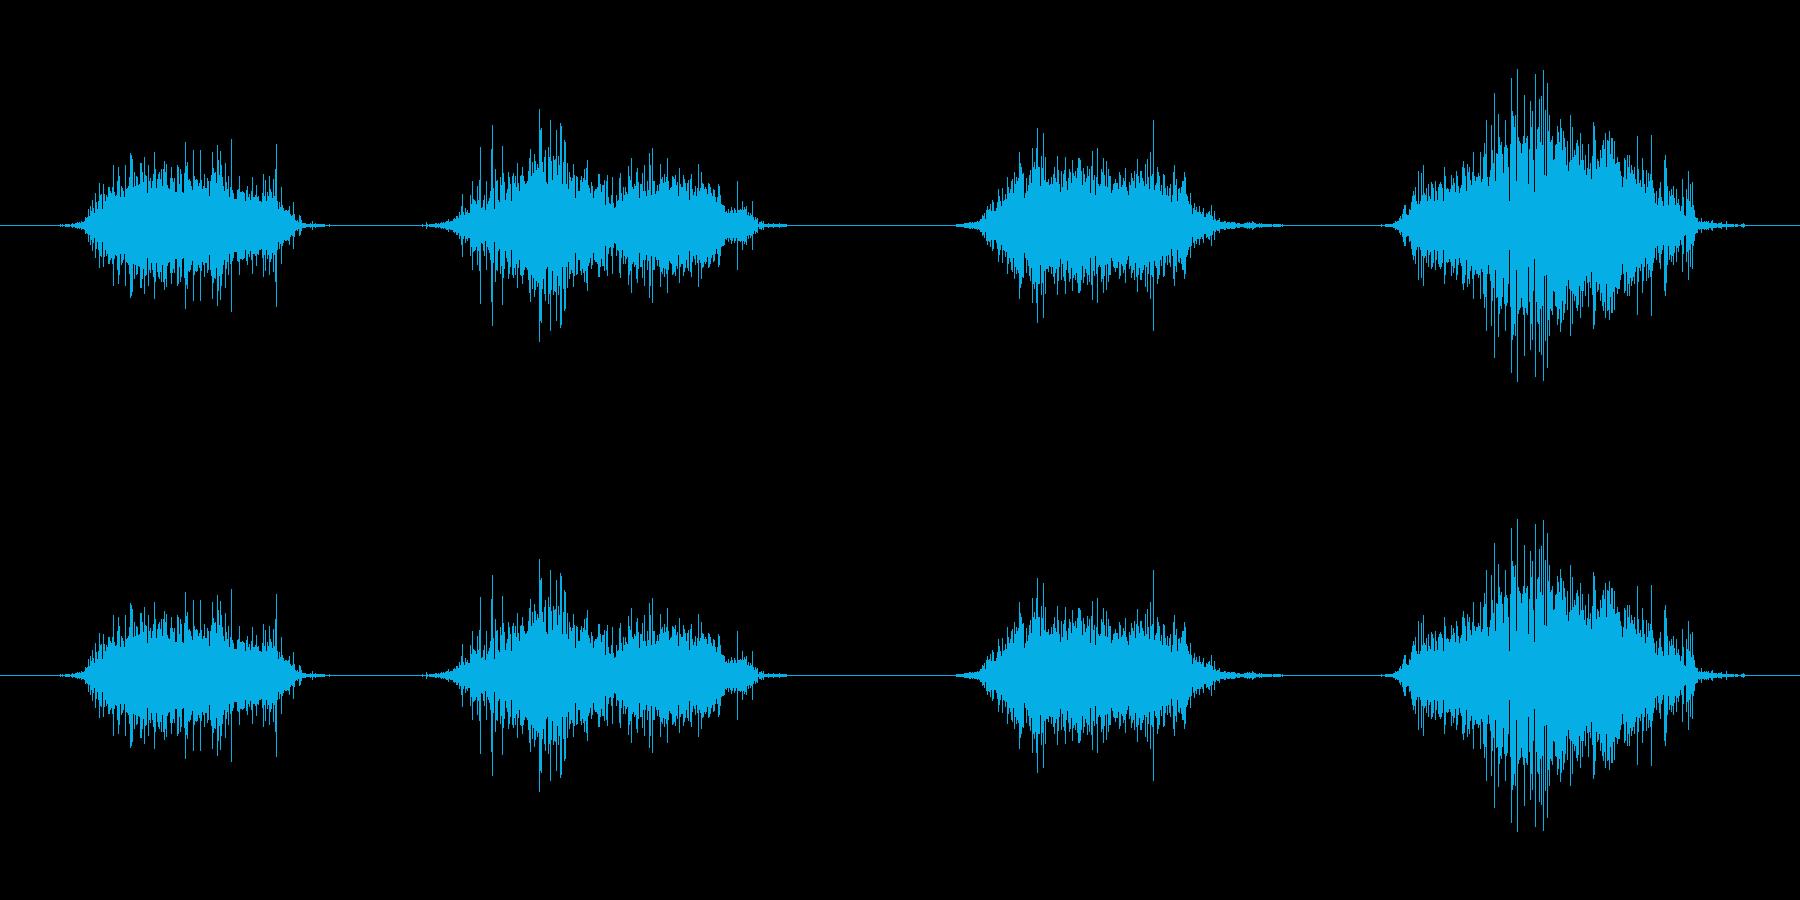 ずるずる這いずる音 モンスター の再生済みの波形